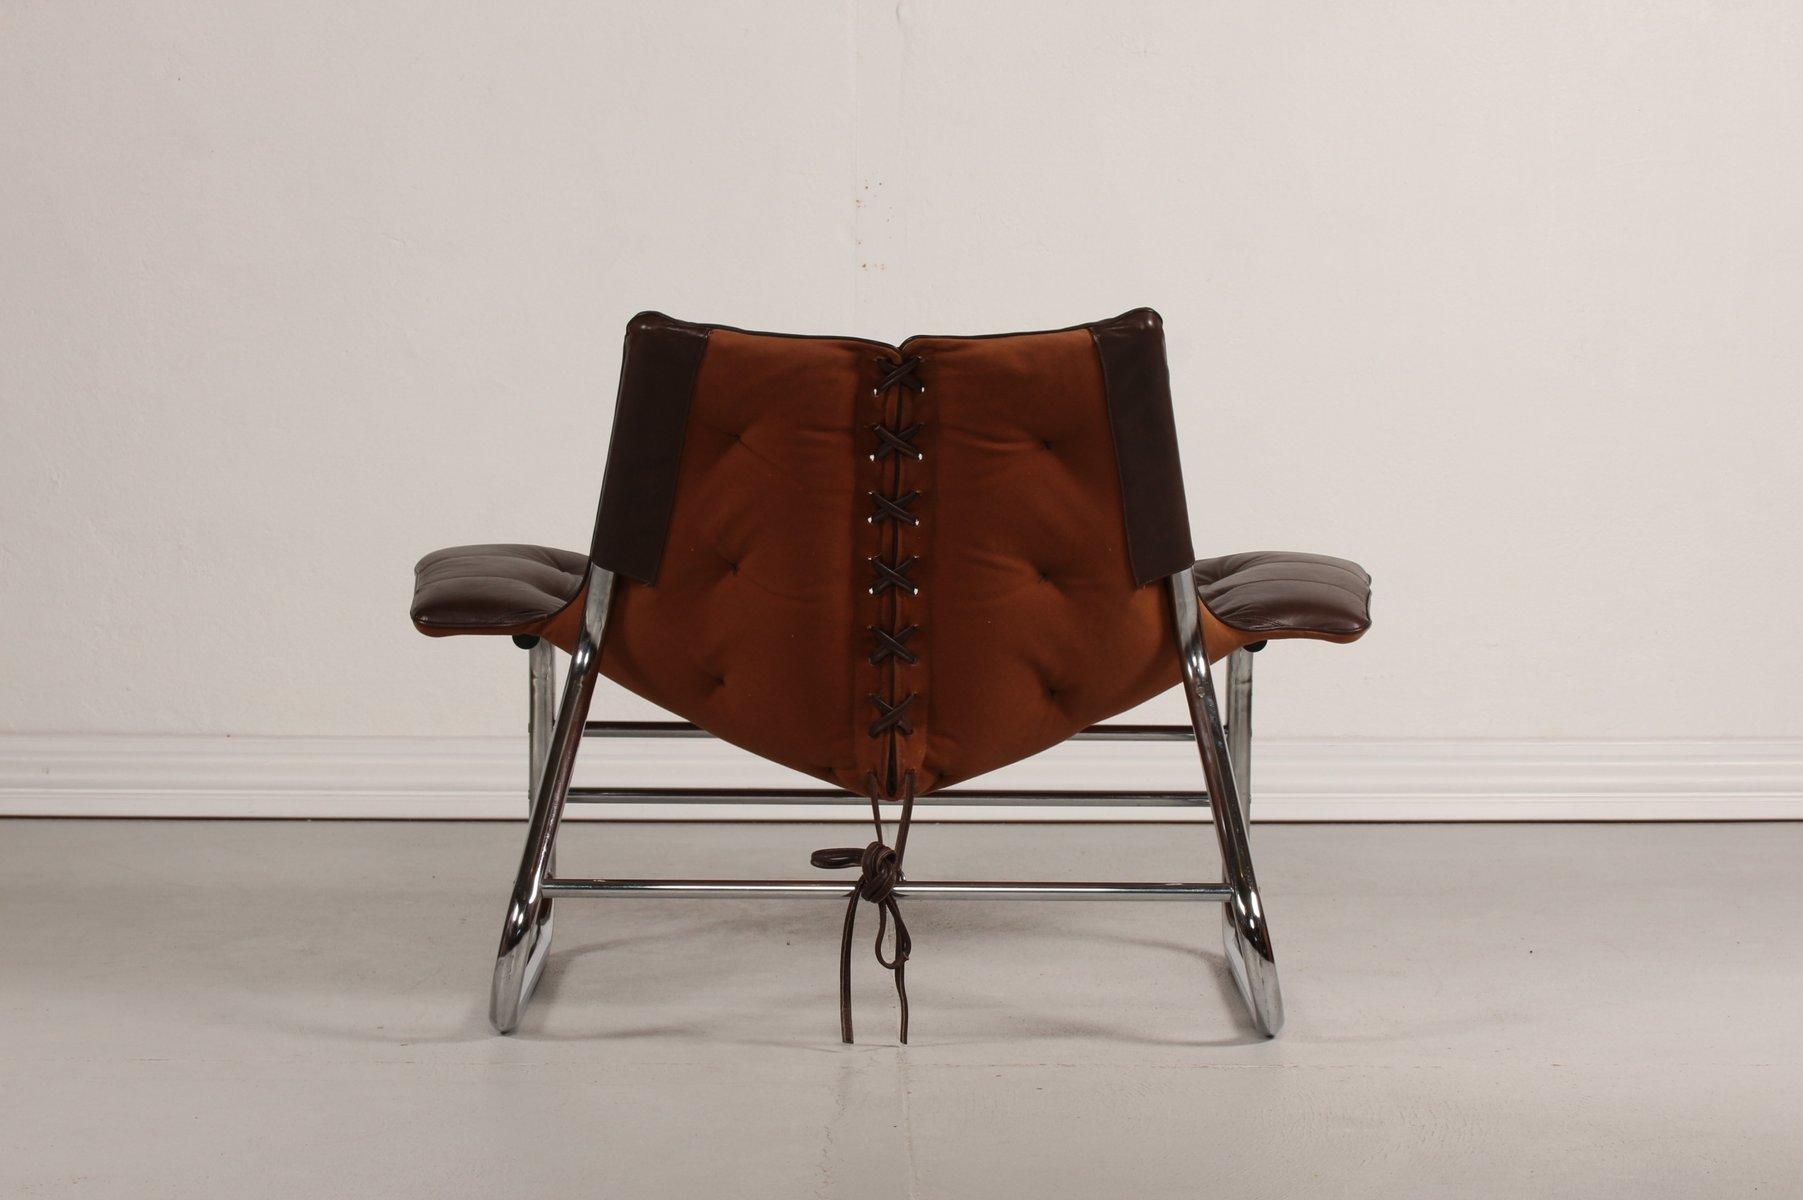 d nischer metall leder vintage sessel 1970er bei pamono. Black Bedroom Furniture Sets. Home Design Ideas